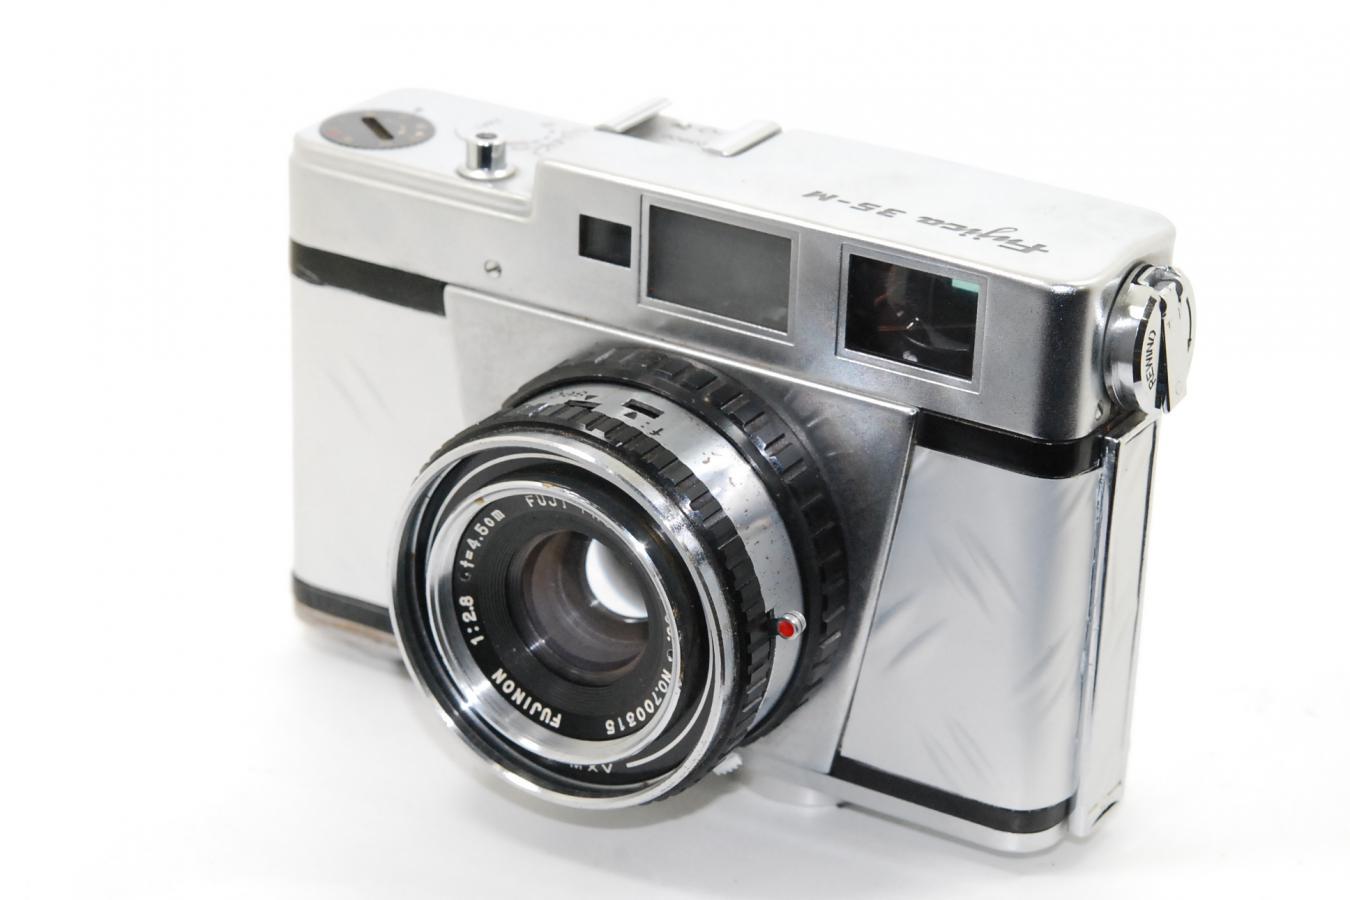 【リメイクカメラ】 Fujica 35-M 【FUJINON 4.5cm F2.8レンズ搭載】